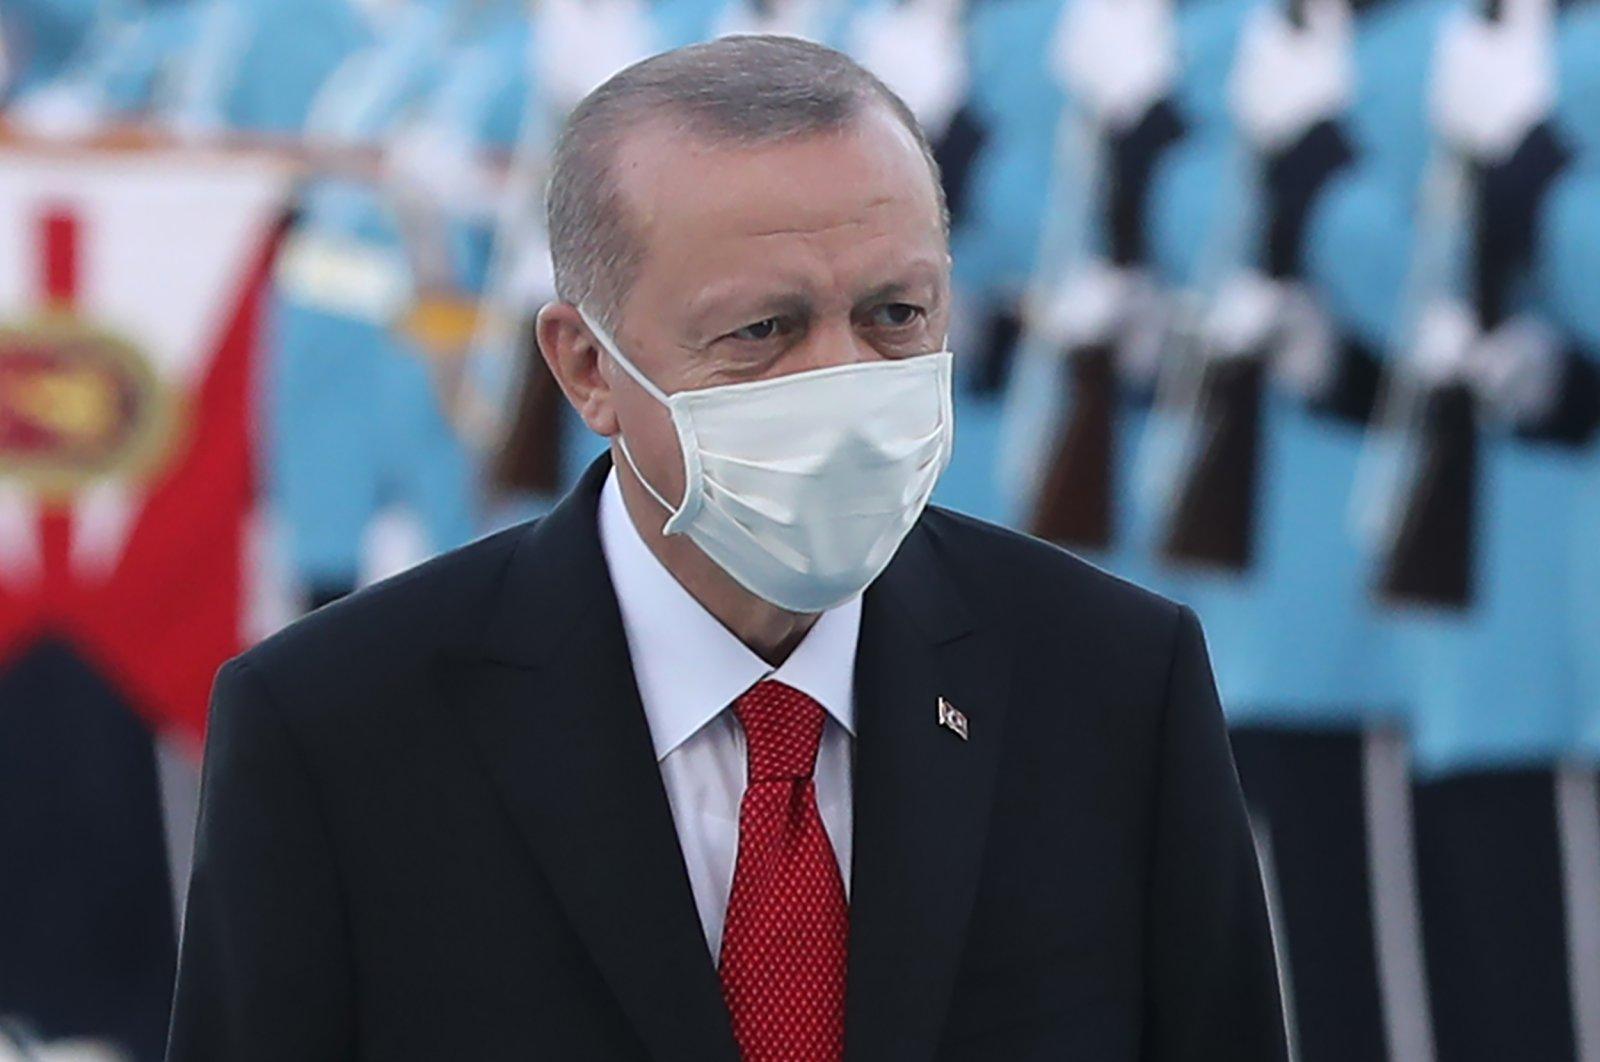 President Recep Tayyip Erdoğan attends an official ceremony in Ankara, Turkey, Oct. 26, 2020. (AFP)